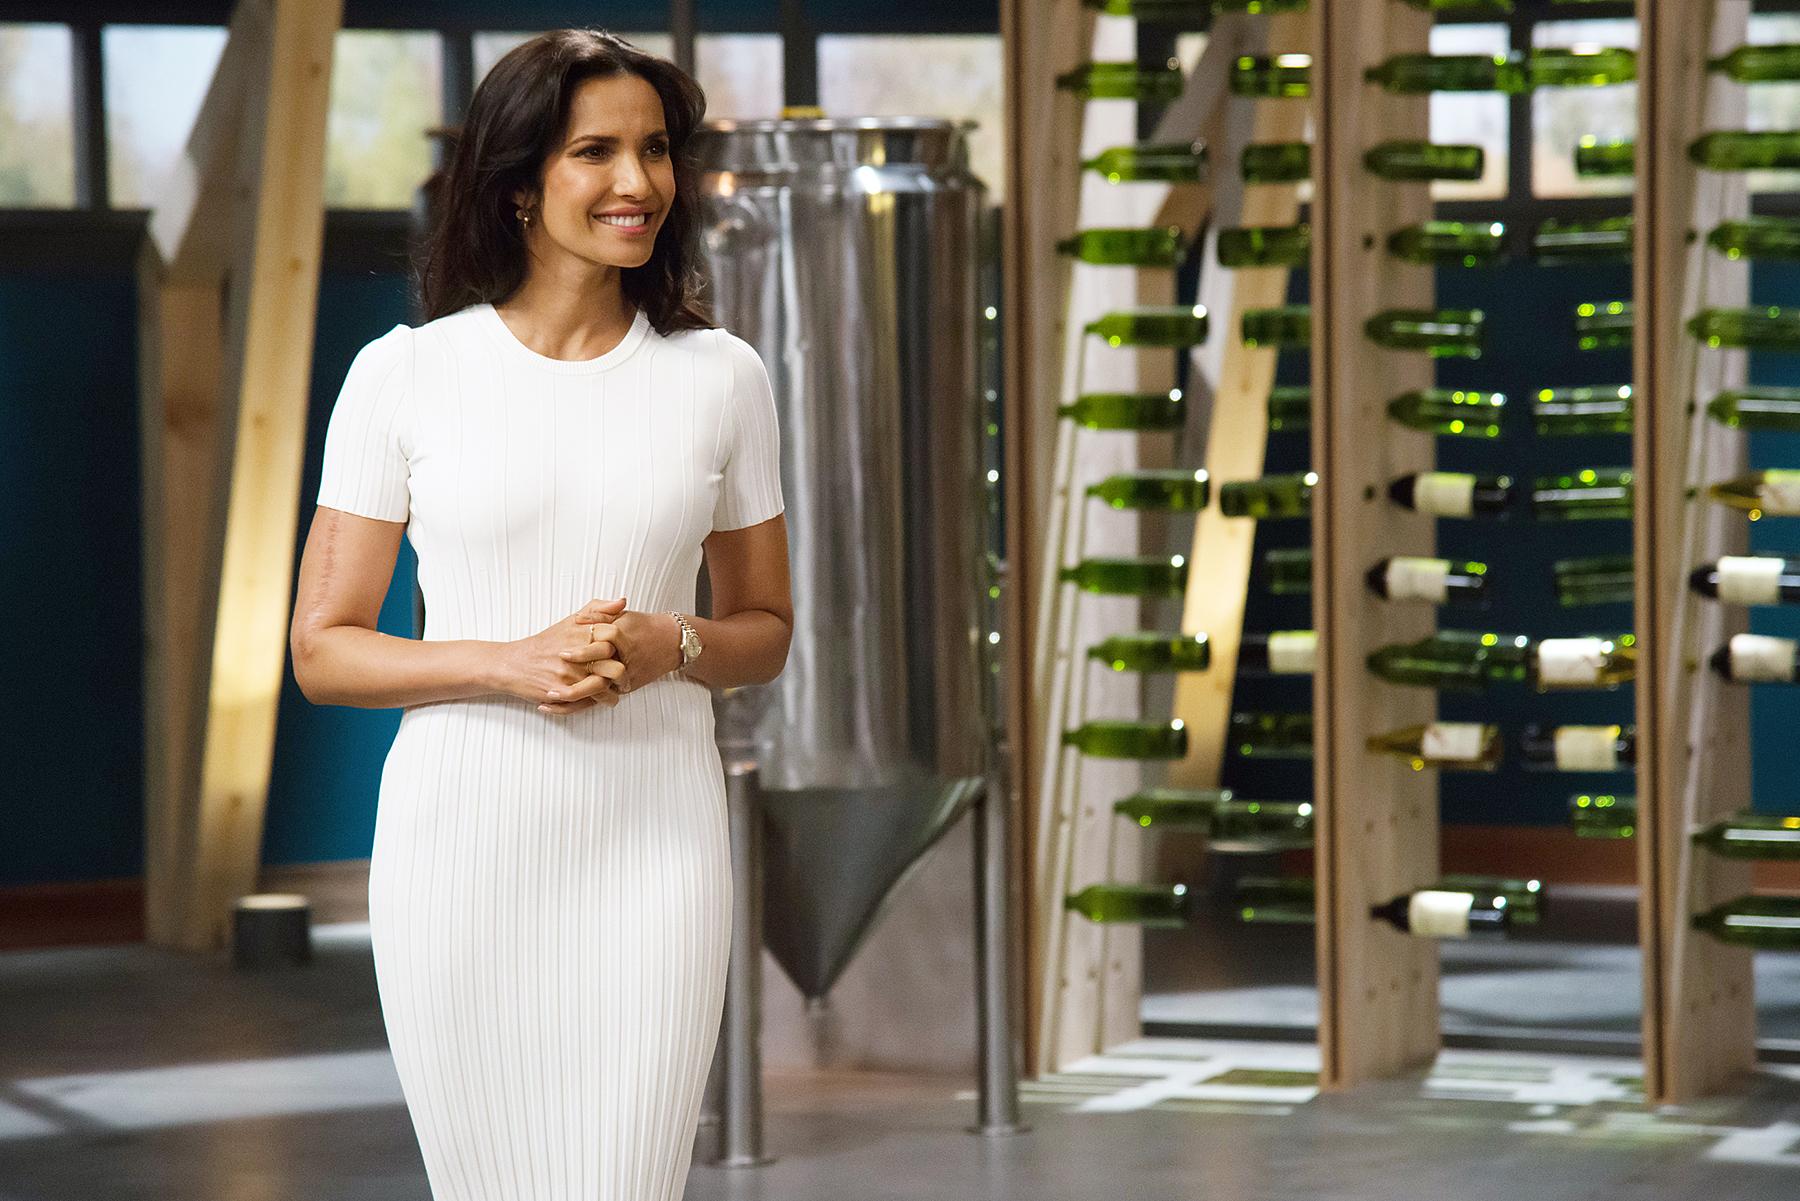 Padma Lakshmi season 15 Top Chef